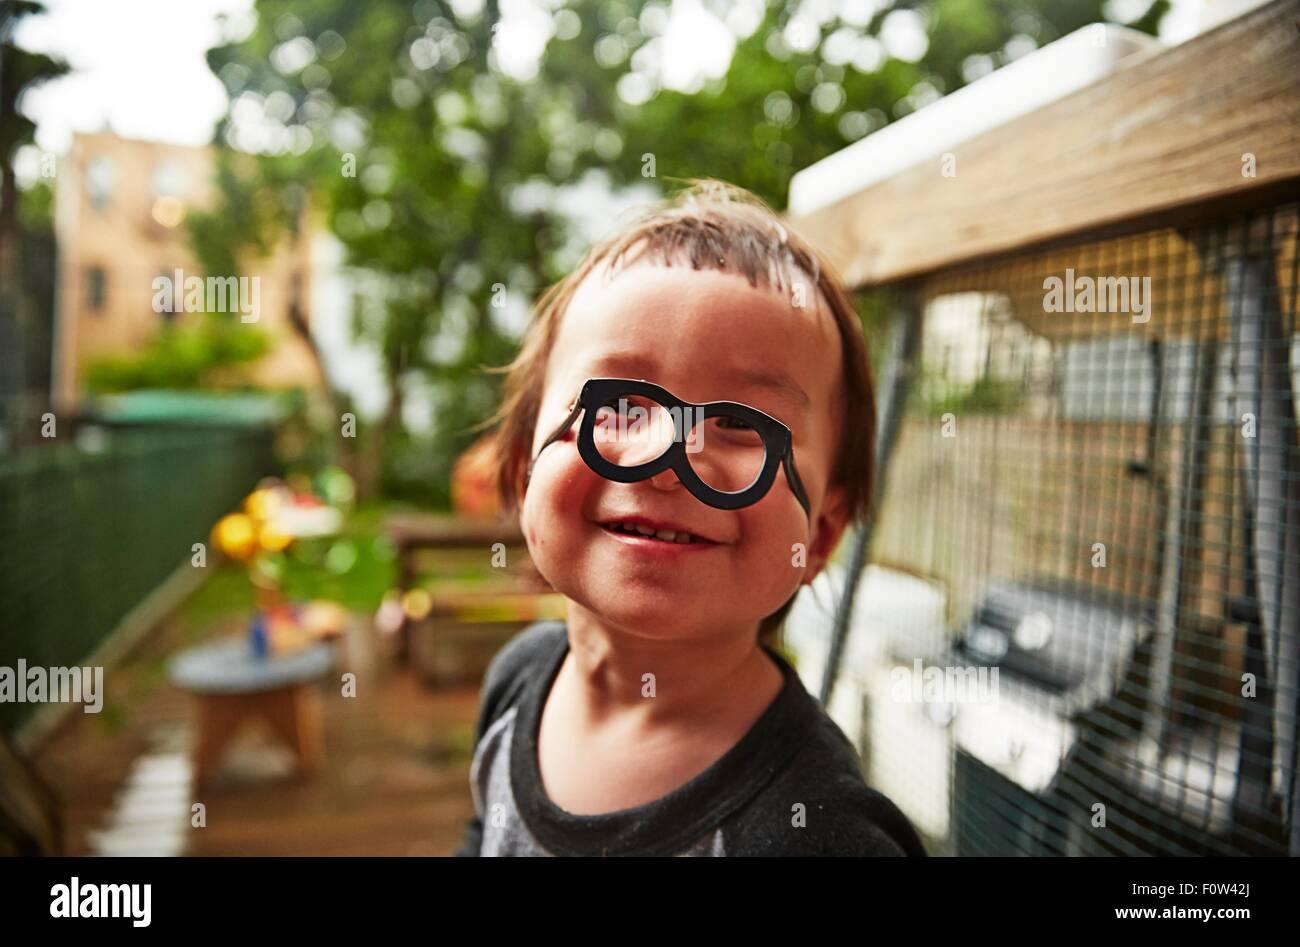 Garçon avec drôle spectacles dans le jardin Photo Stock